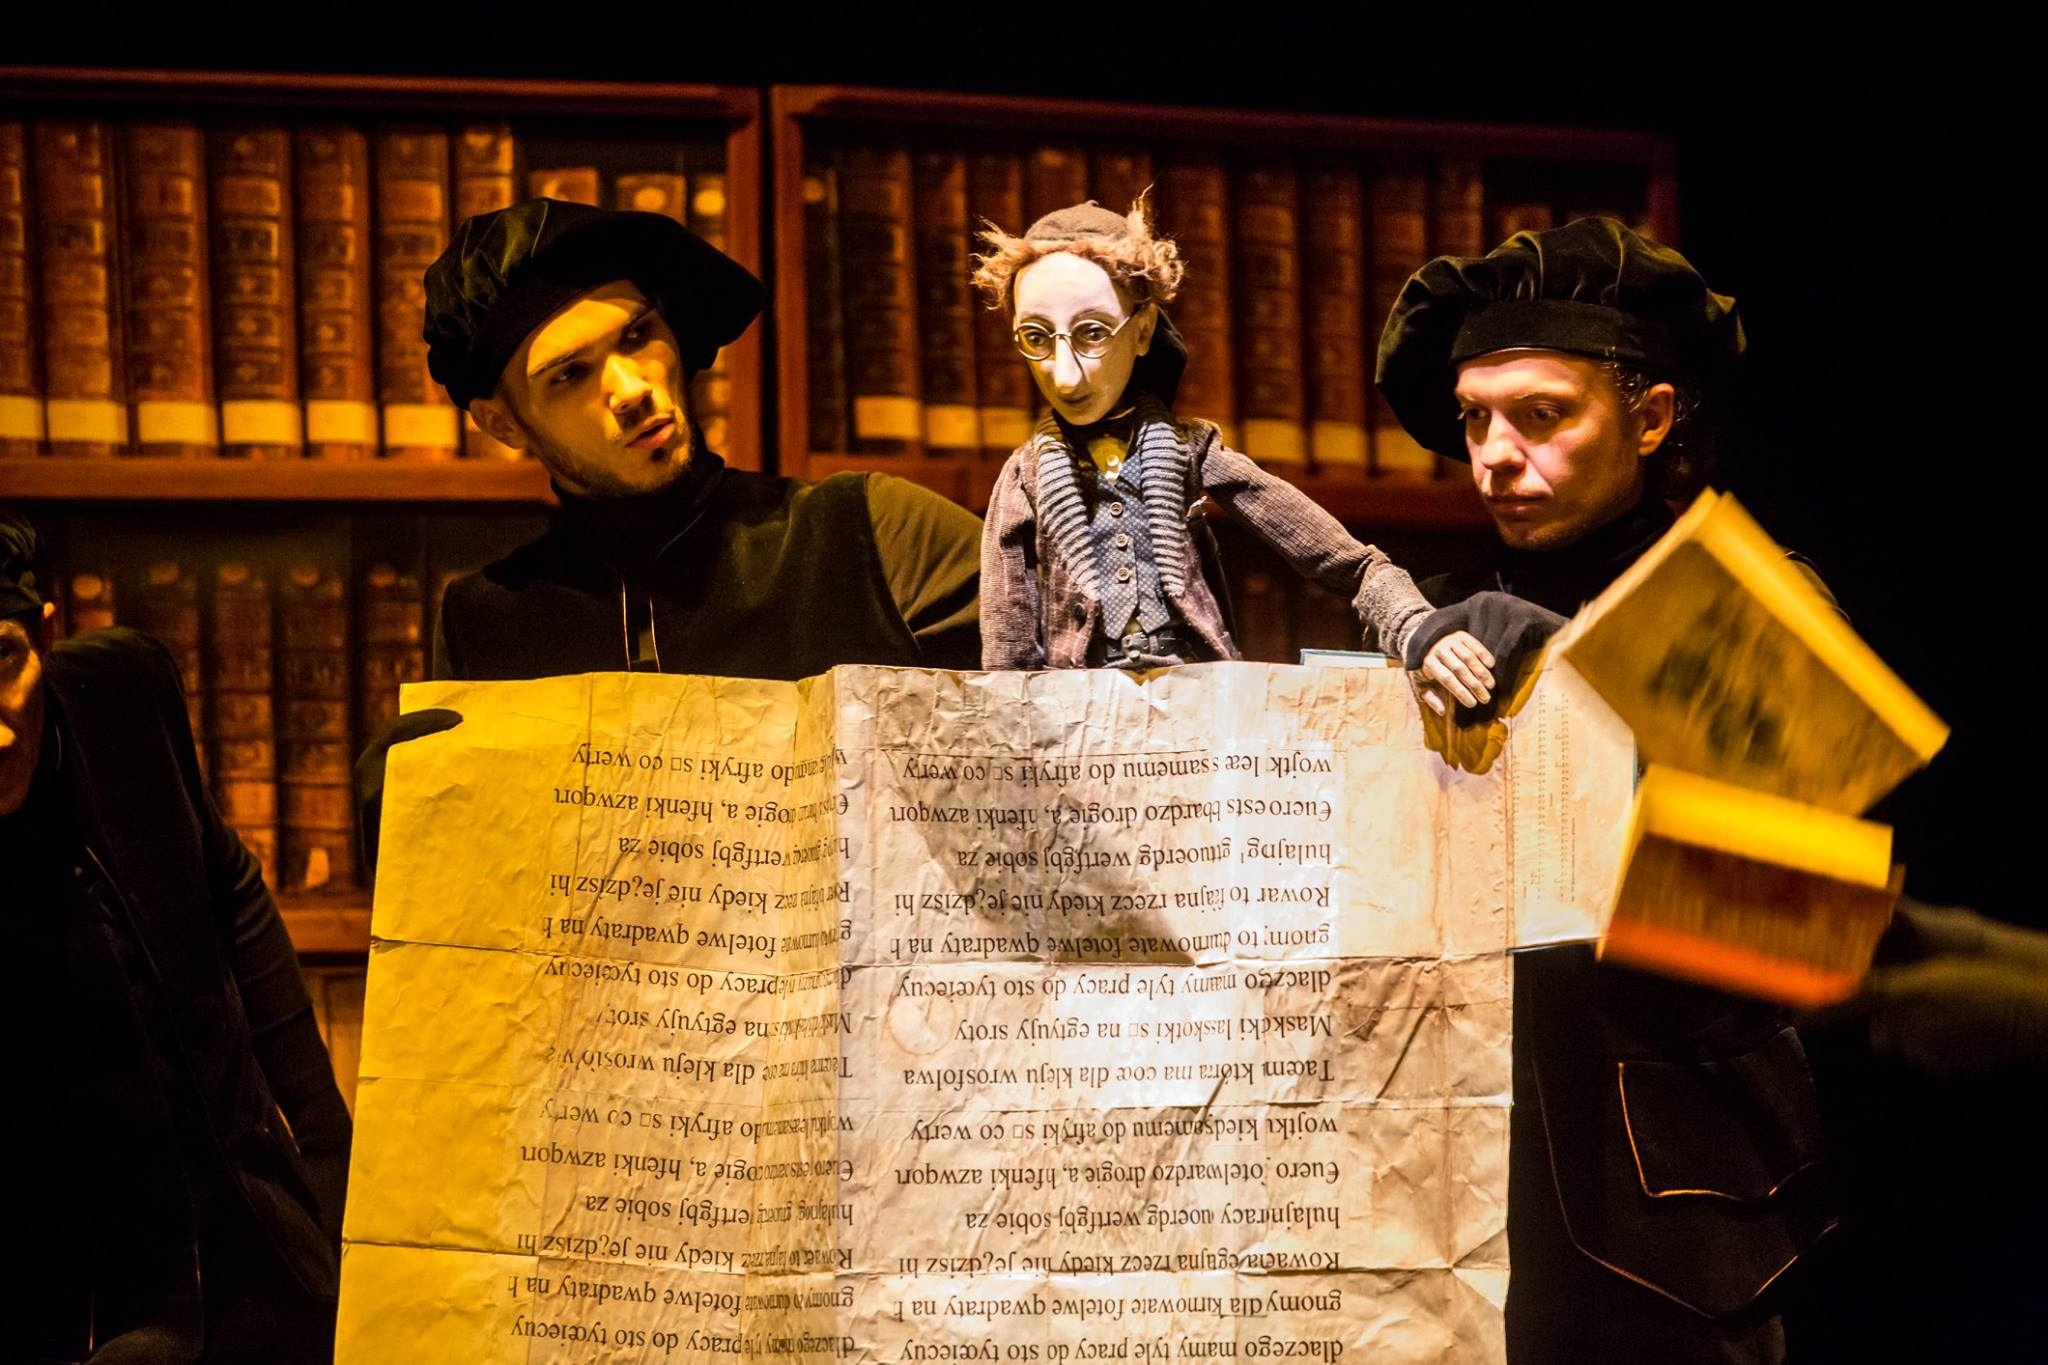 Pan Tobiasz i książki w Teatrze Animacji